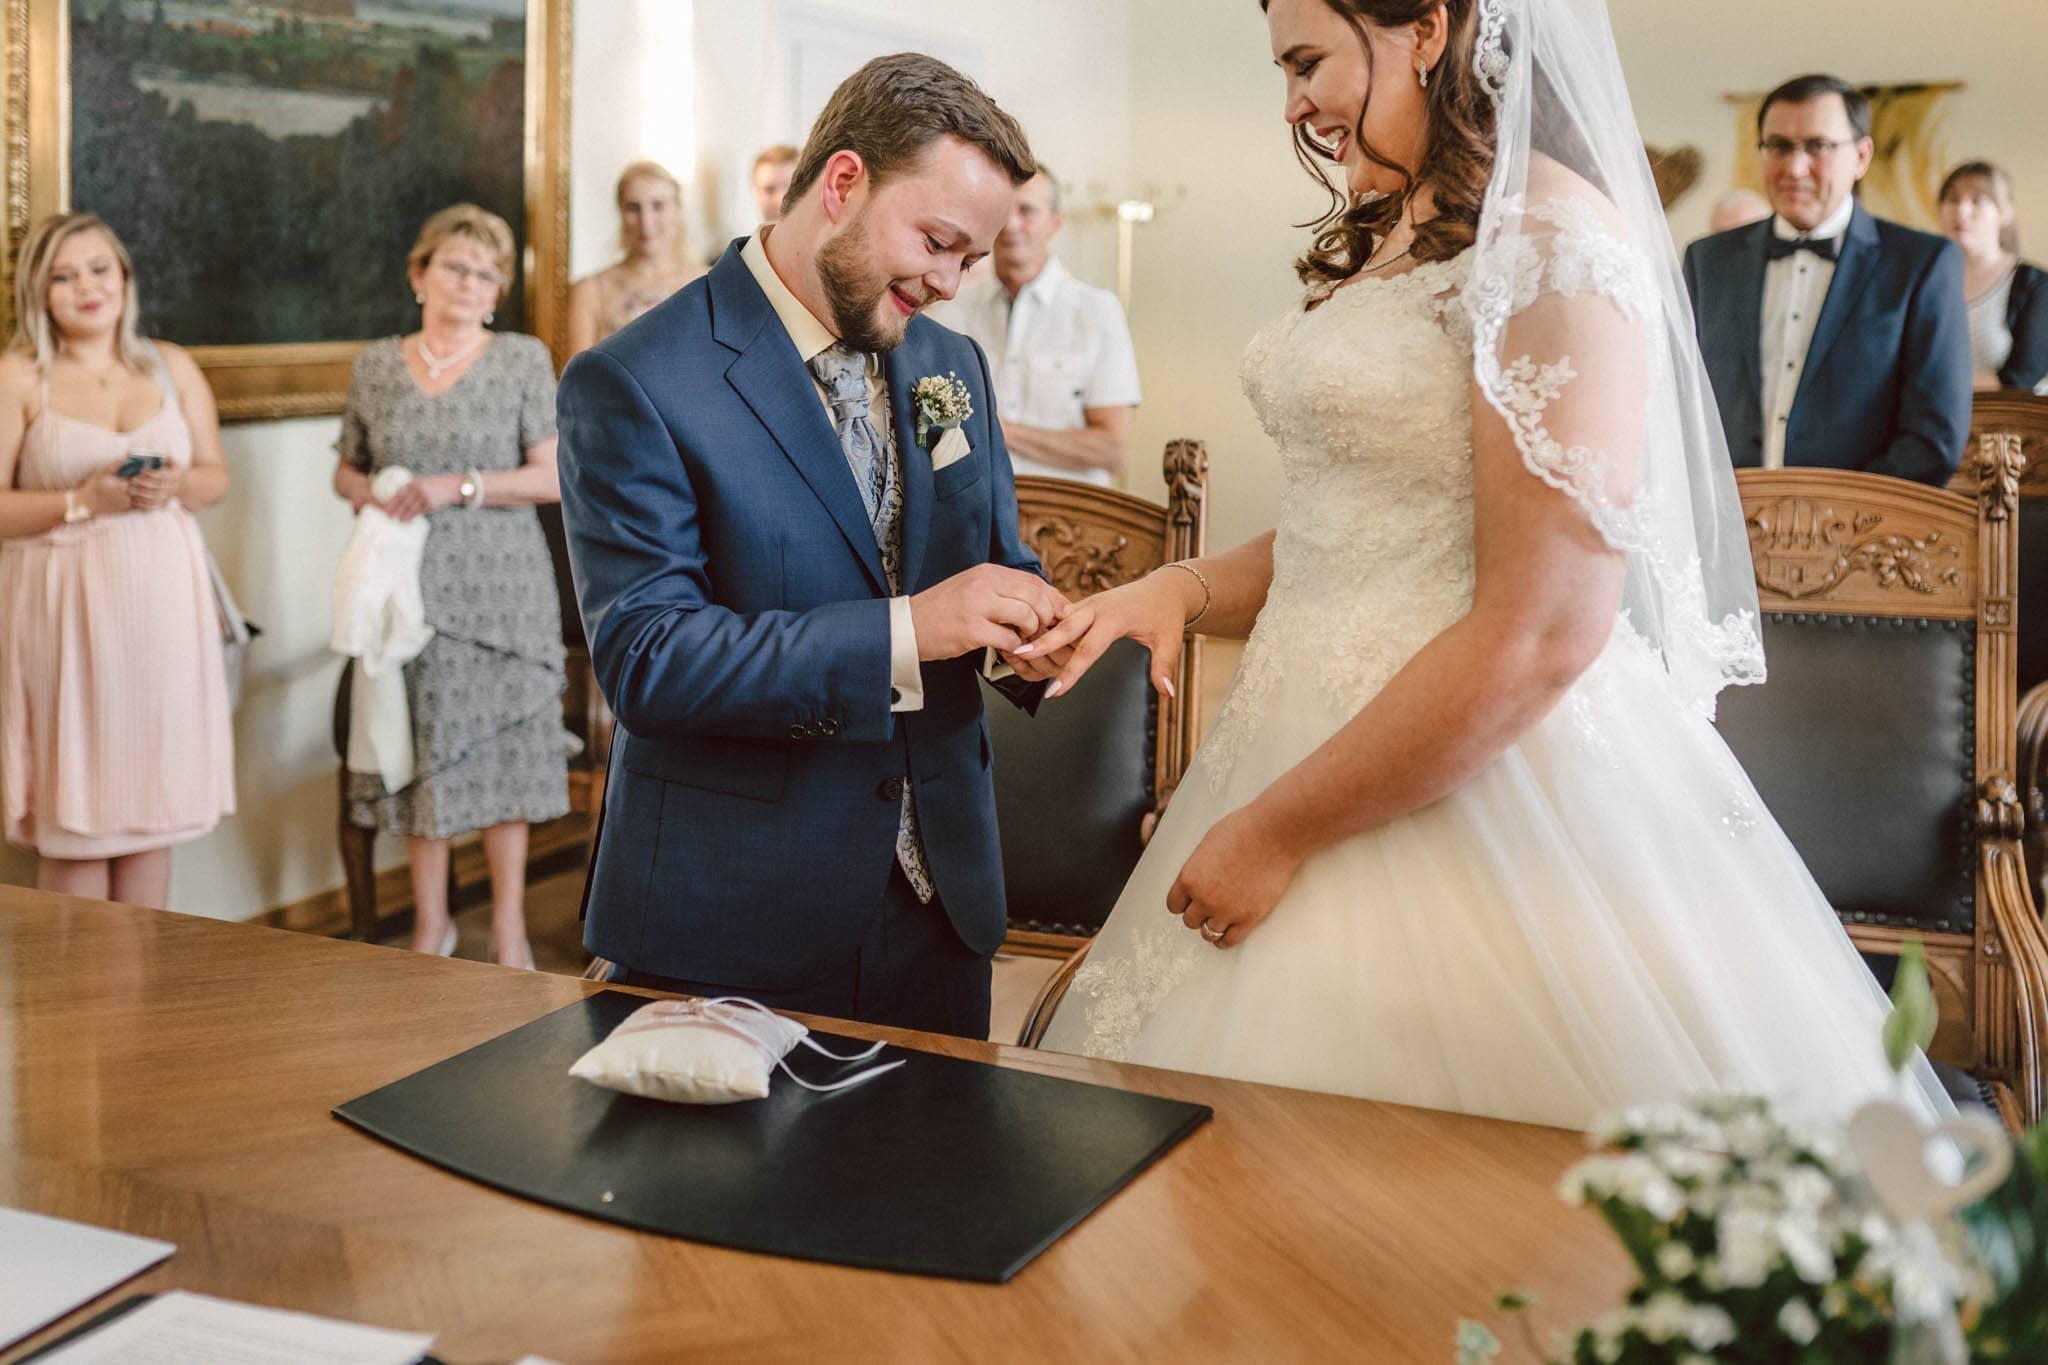 Hochzeitsfieber by Photo-Schomburg, Hochzeitsfotograf, Hamburg, Altona, wedding, Standesamt Altona, Appen, Hochzeitsshooting, Hochzeitstag, Brautpaar-48